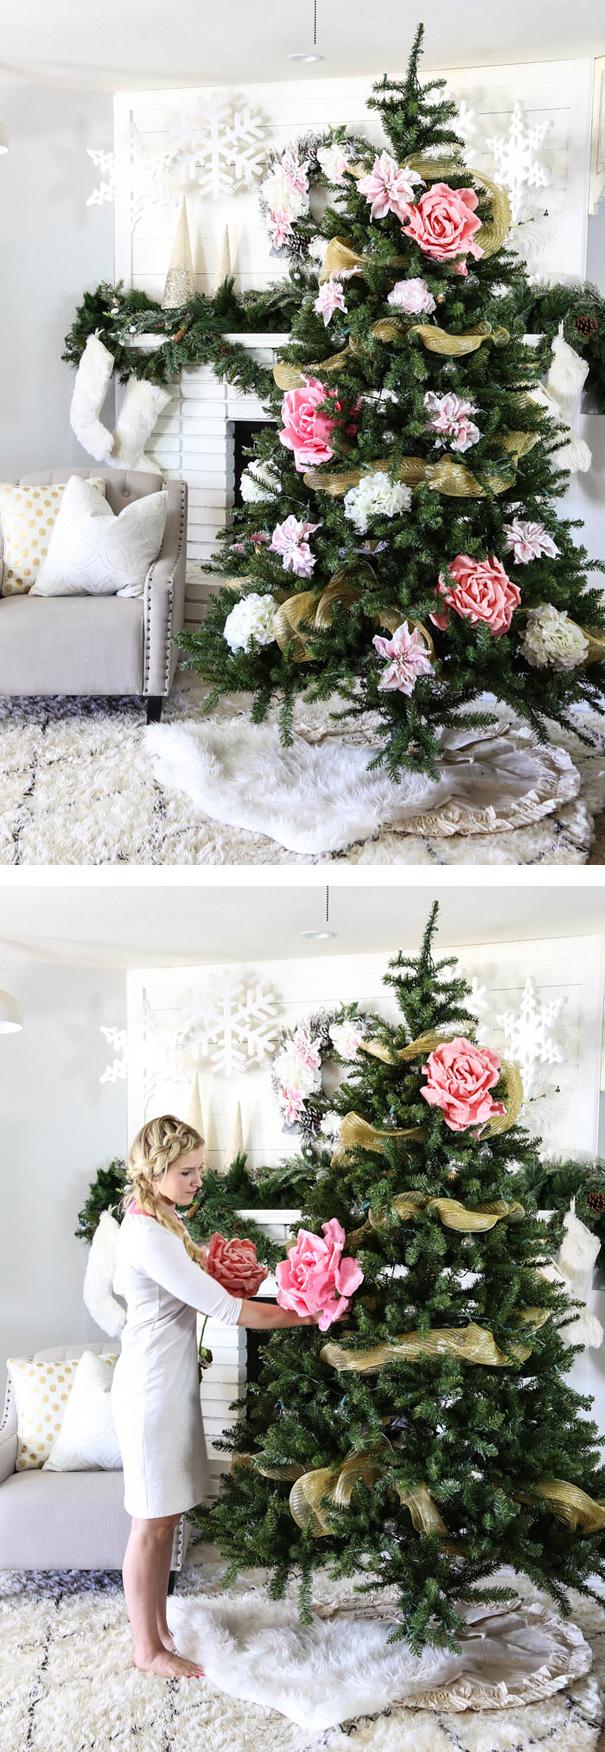 Décorez votre sapin de Noël avec des fleurs decorer-votre-sapin-avec-des-fleurs-7